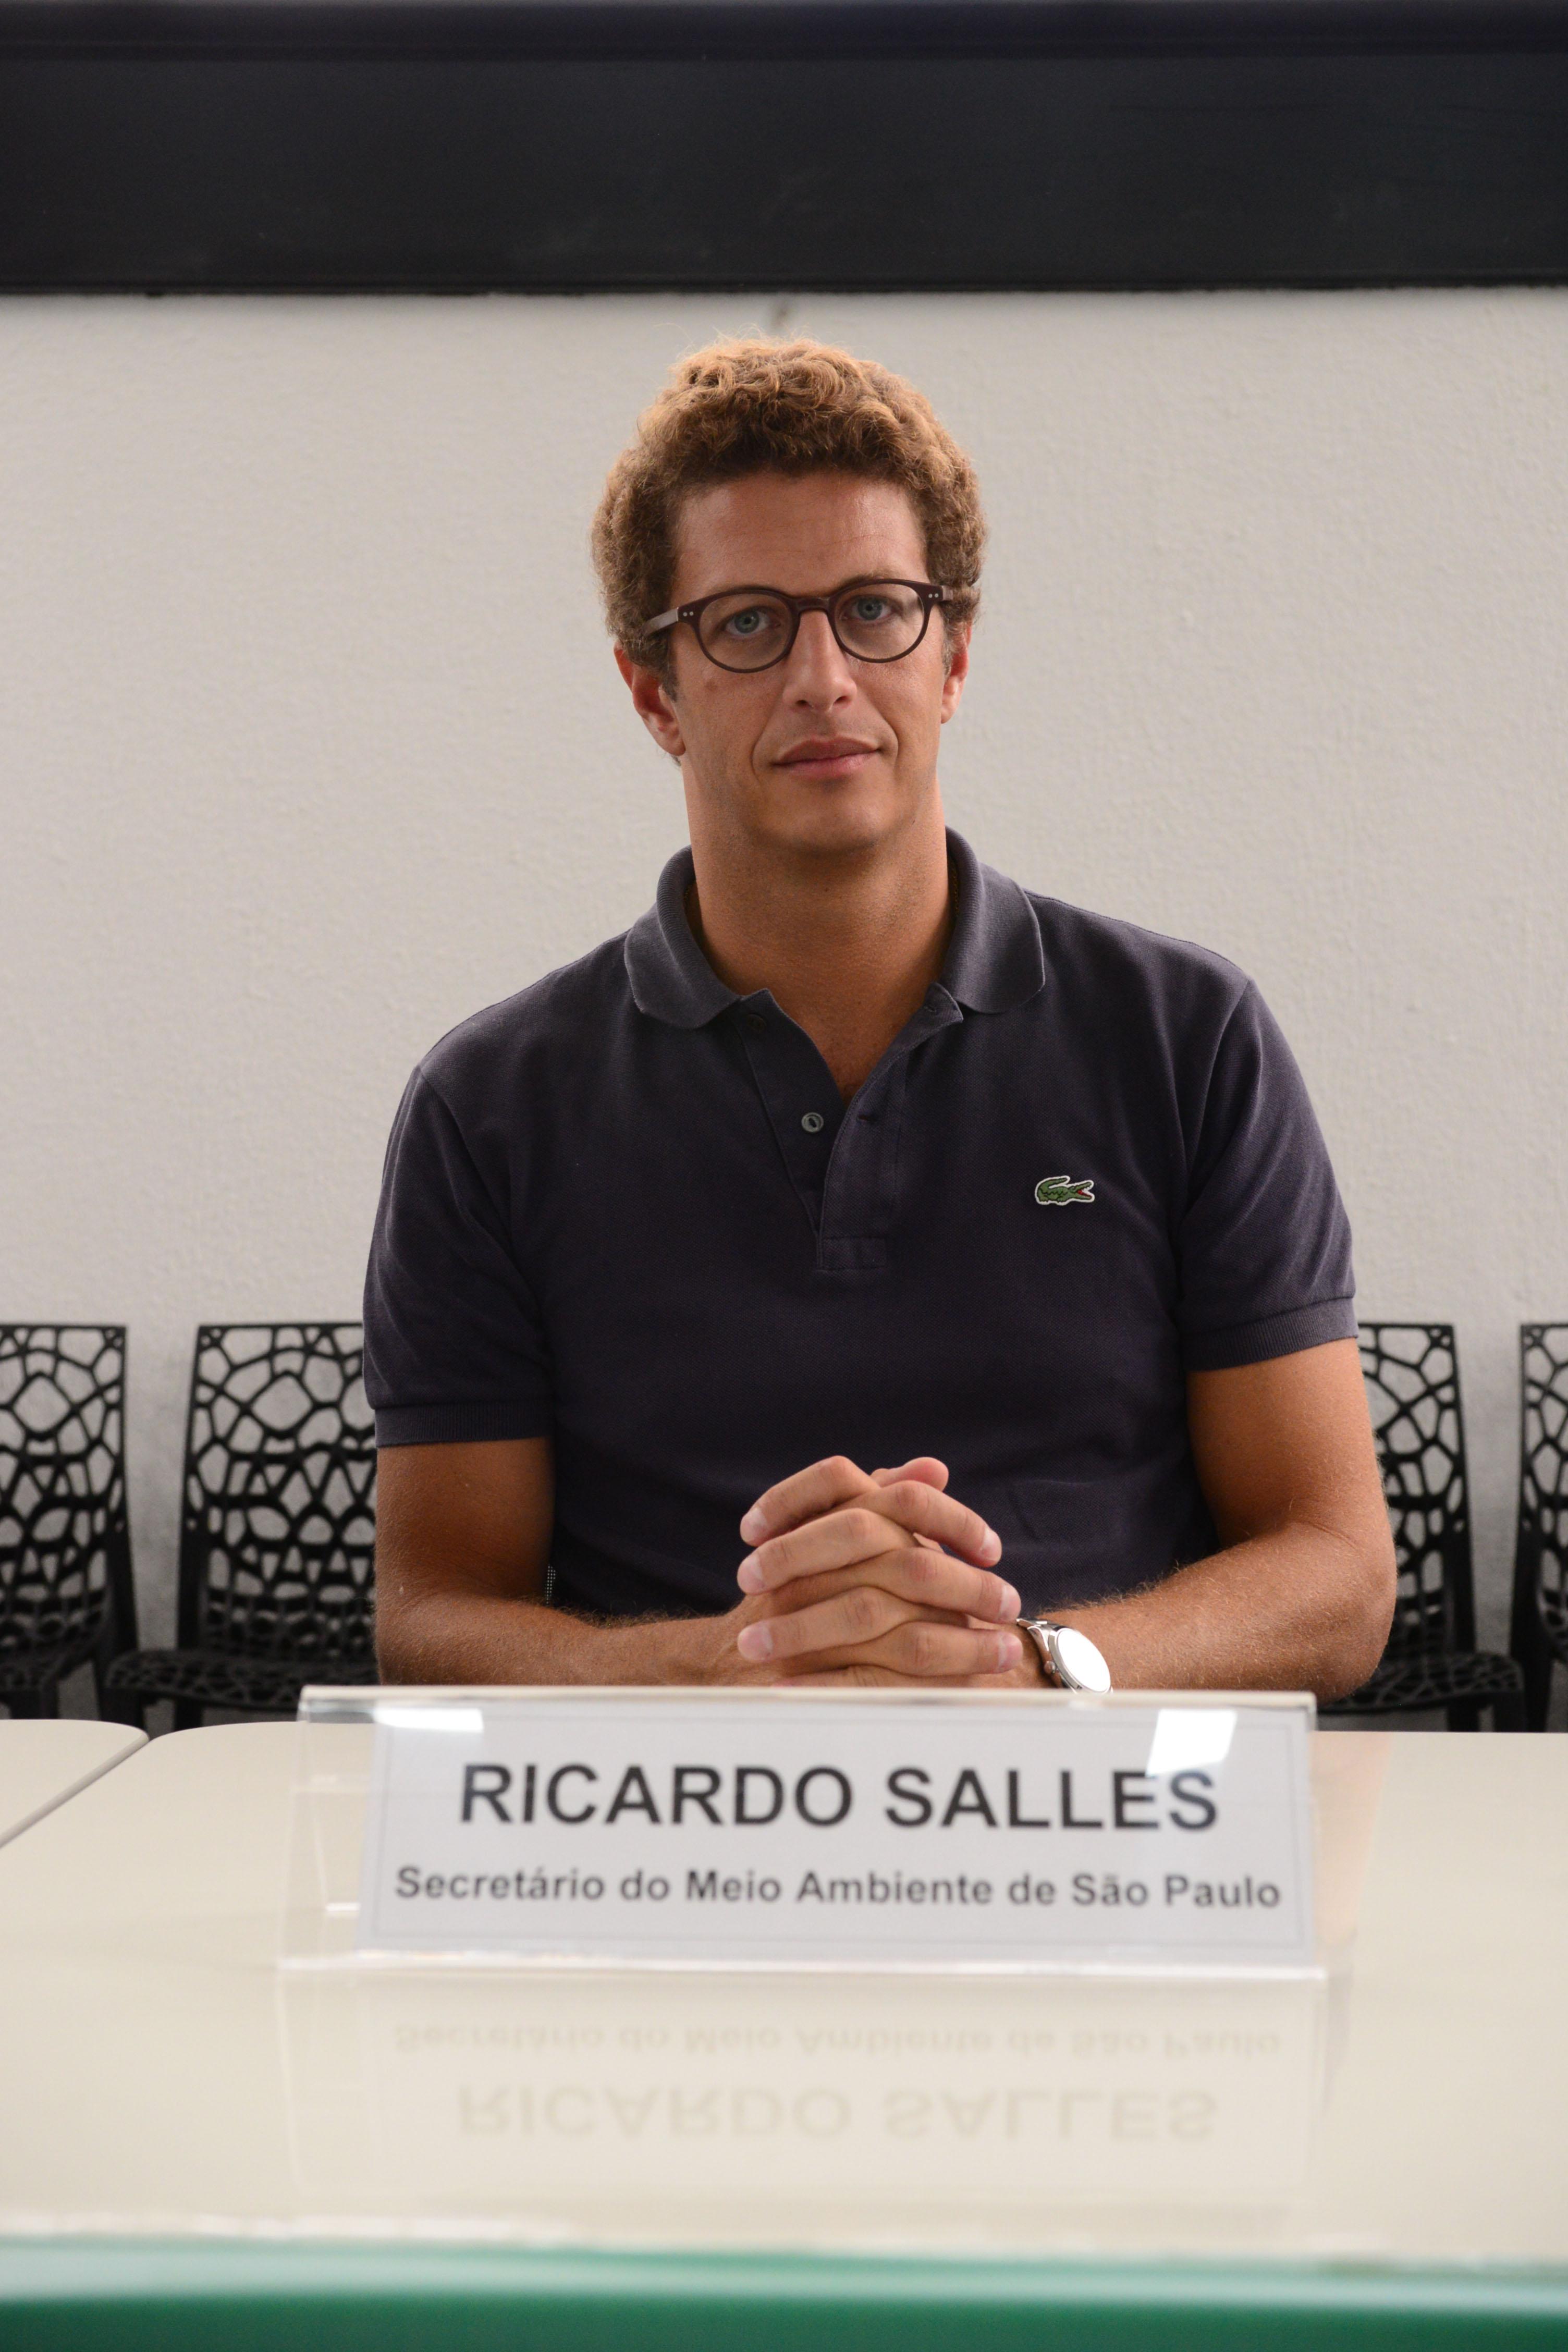 Ricardo Salles, secretário estadual do Meio Ambiente aborda questões de fiscalização <a style='float:right' href='https://www3.al.sp.gov.br/repositorio/noticia/N-03-2017/fg200077.jpg' target=_blank><img src='/_img/material-file-download-white.png' width='14px' alt='Clique para baixar a imagem'></a>